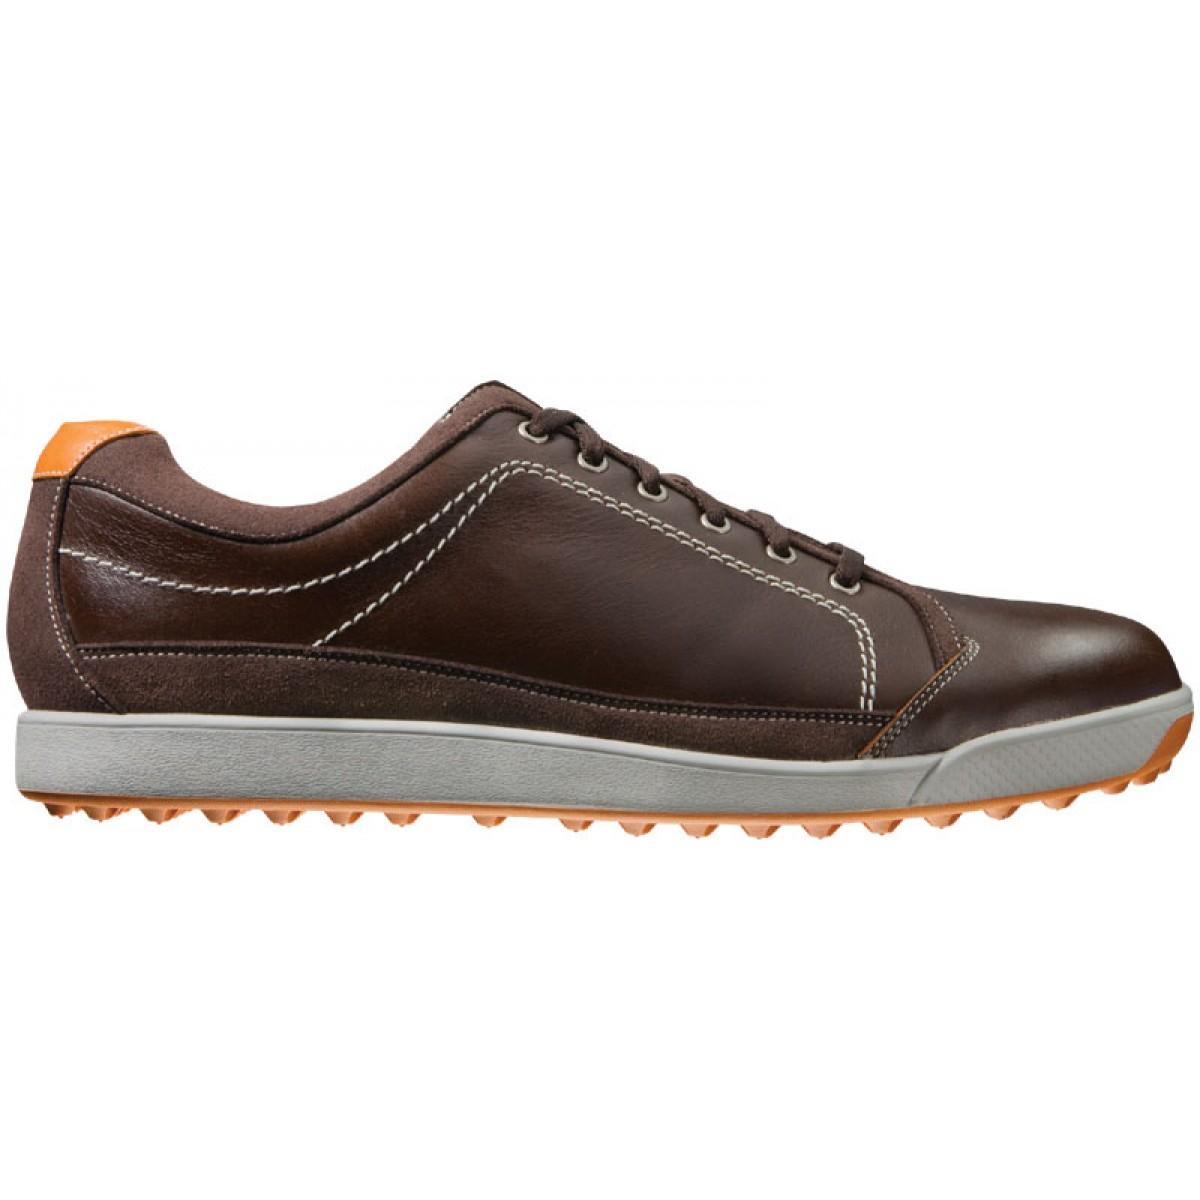 Mens Footjoy Contour Golf Shoes